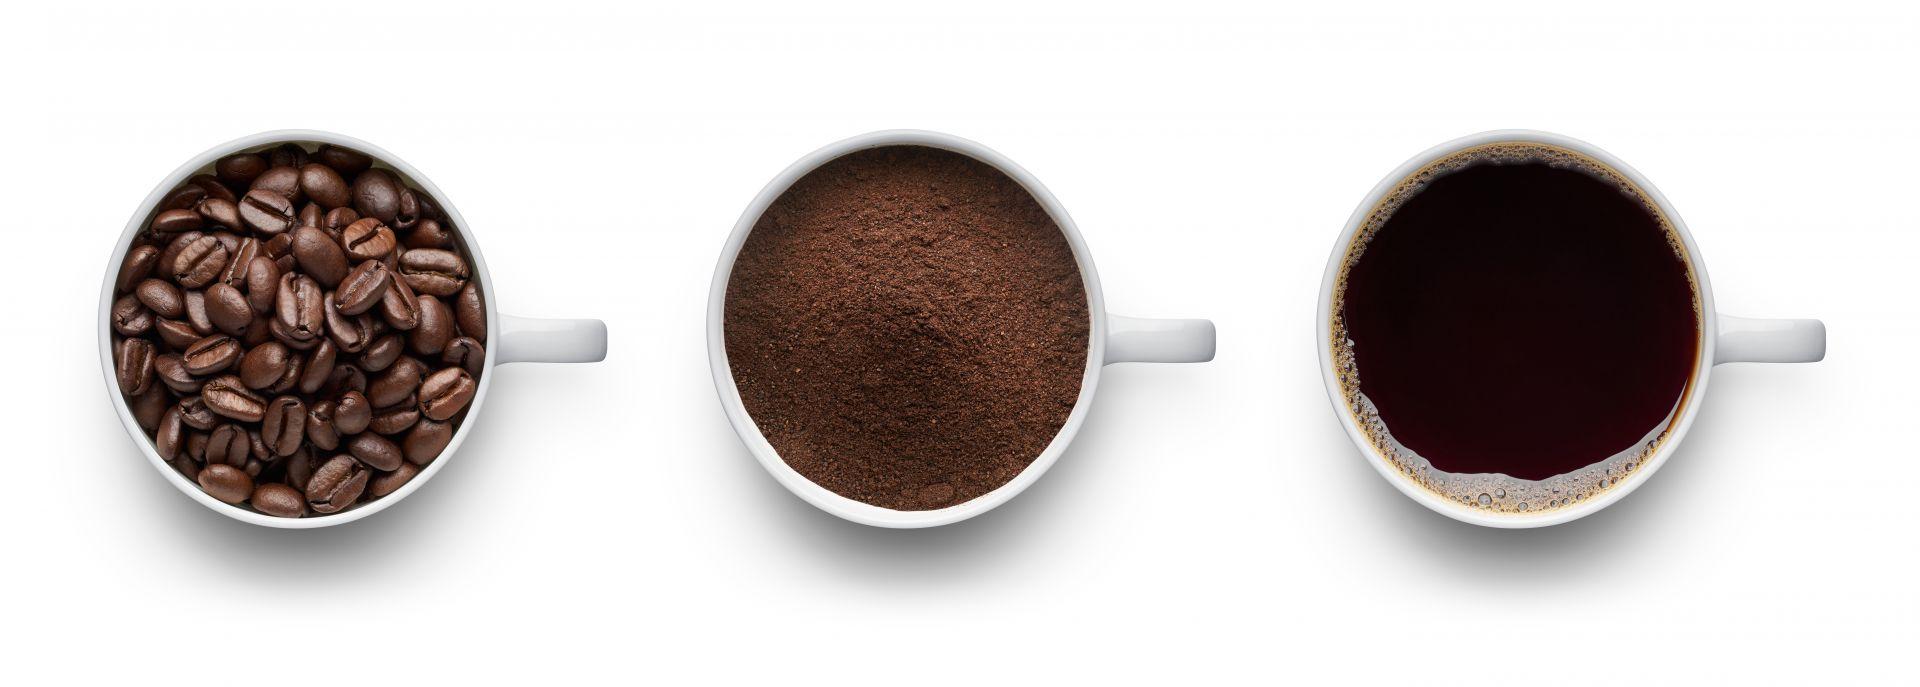 一天喝幾杯咖啡會骨質疏鬆?營養師現身解答